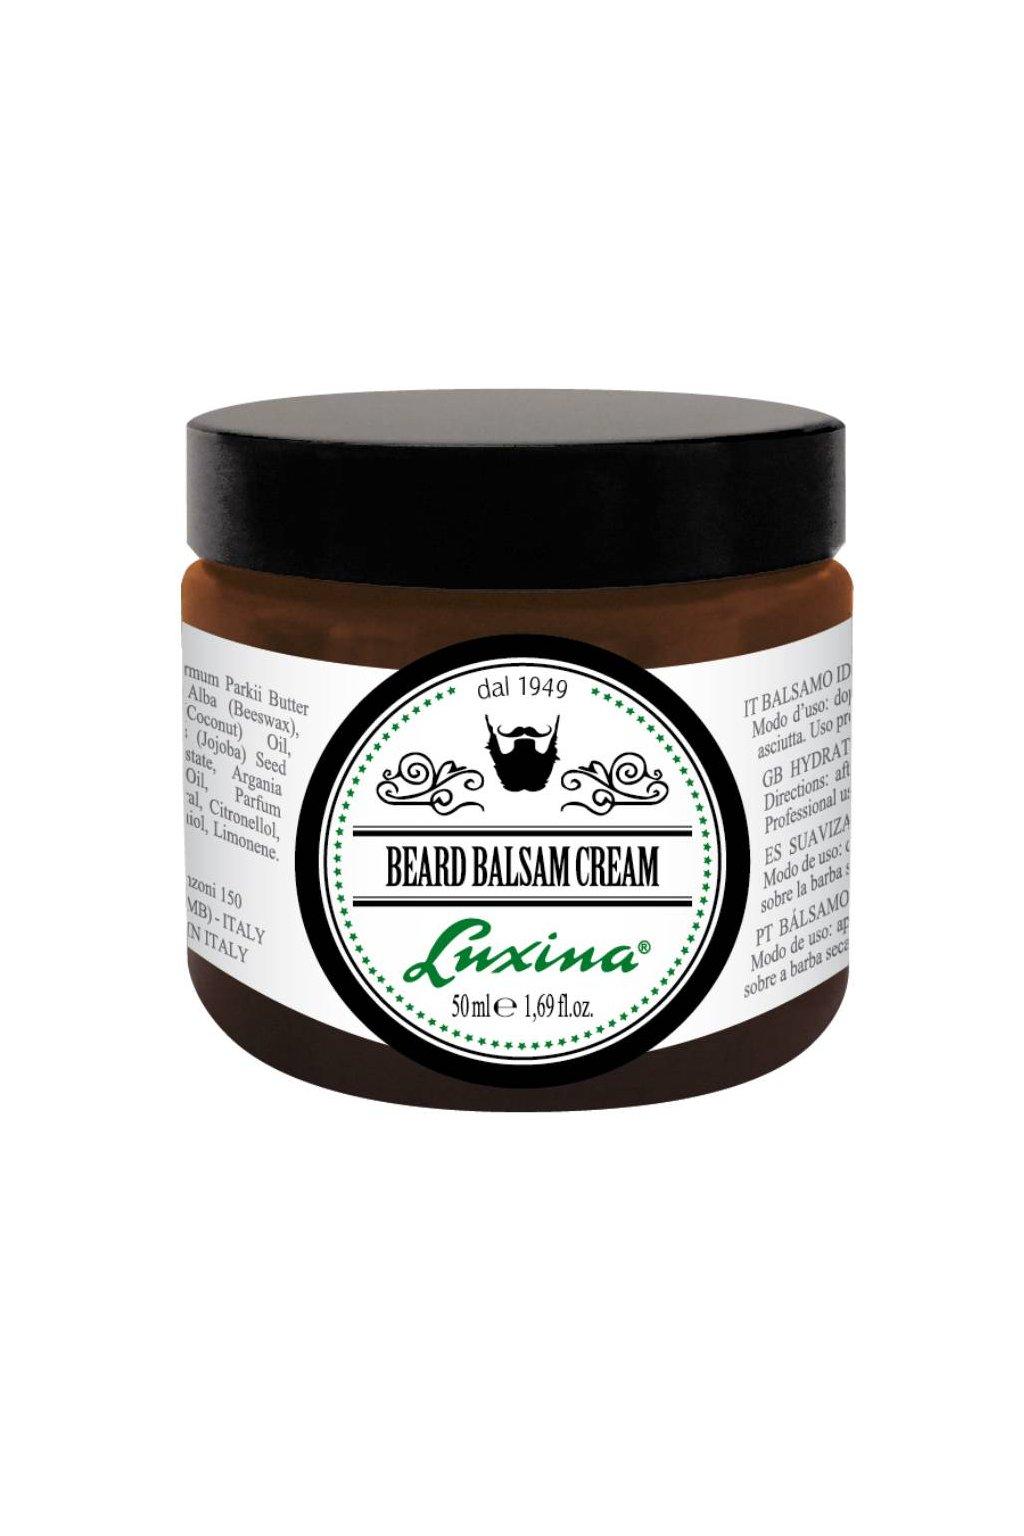 Luxina BEARD BALSAM CREAM každodenní stylová péče o vousy a knír, bez oplachu 50ml